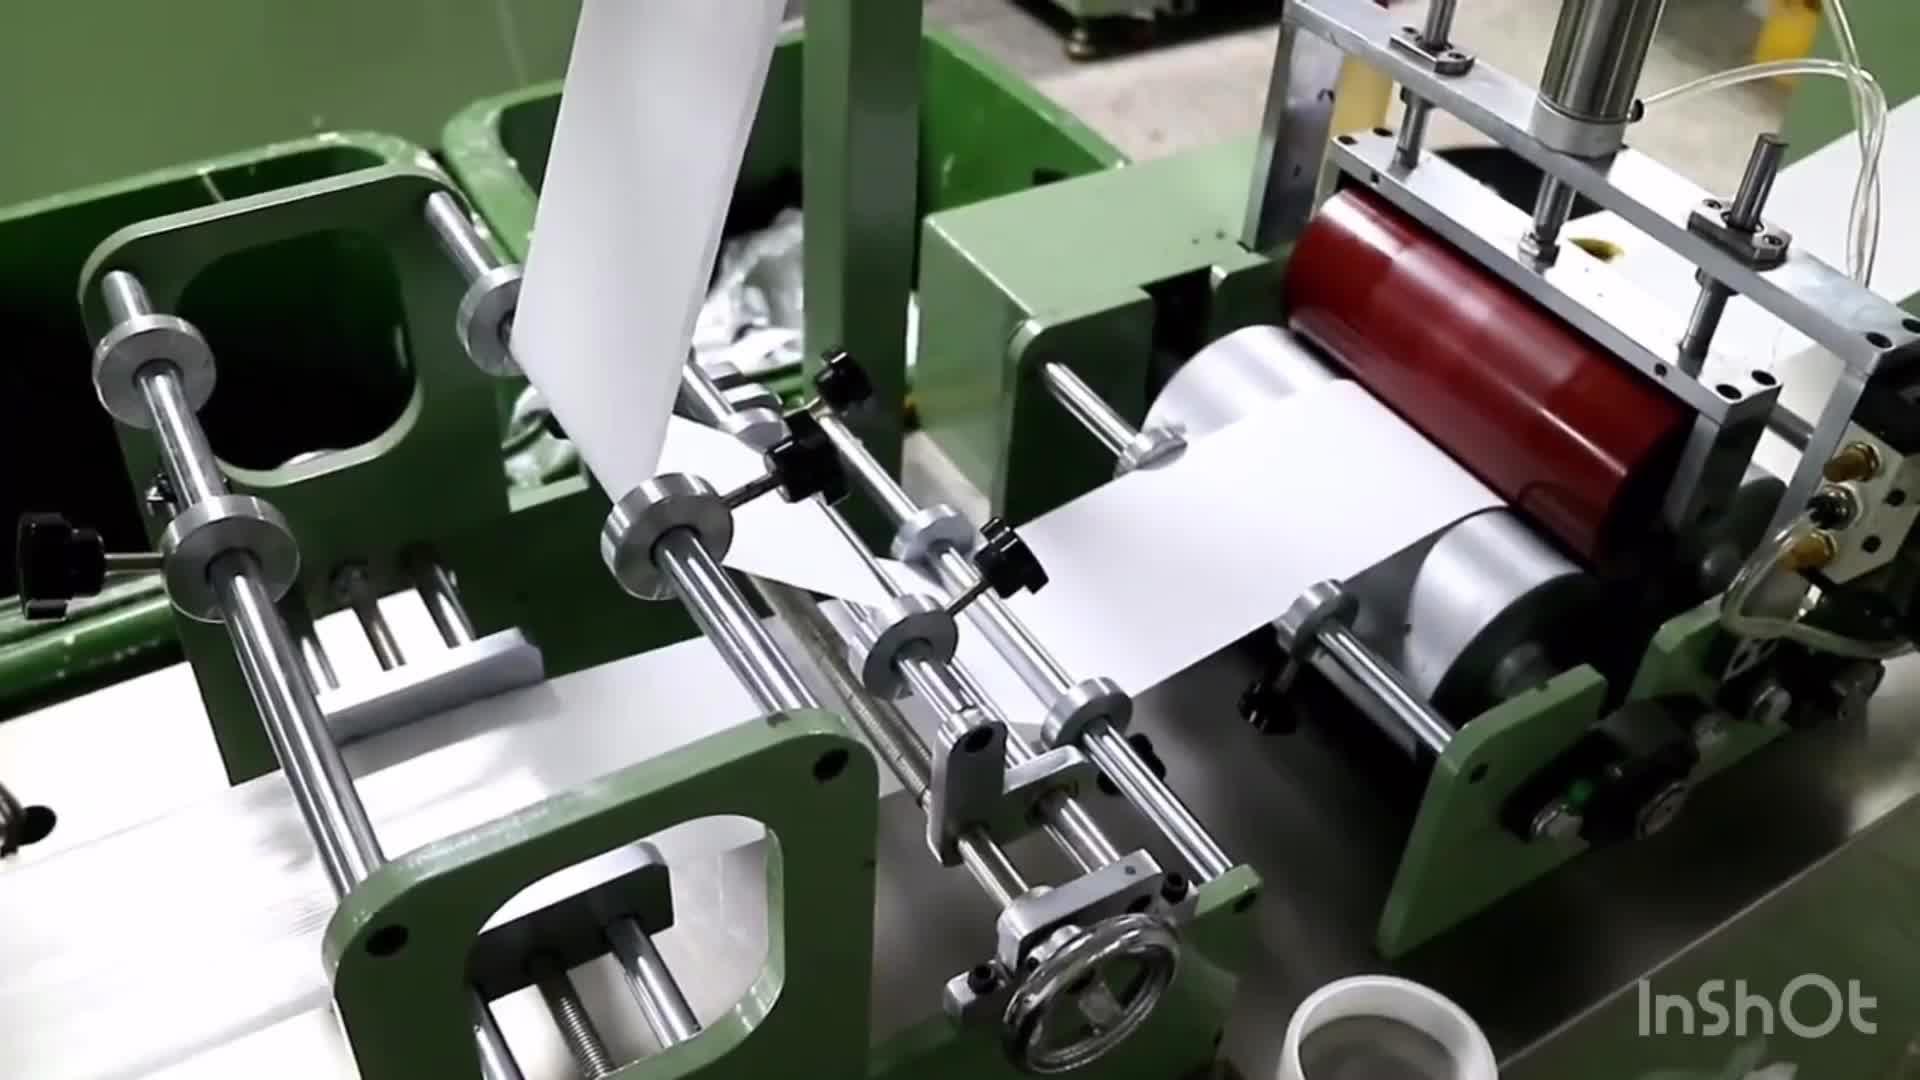 Hersteller Nylon Weiß Und Schwarz Teppich Haken Und Schleife Rolle